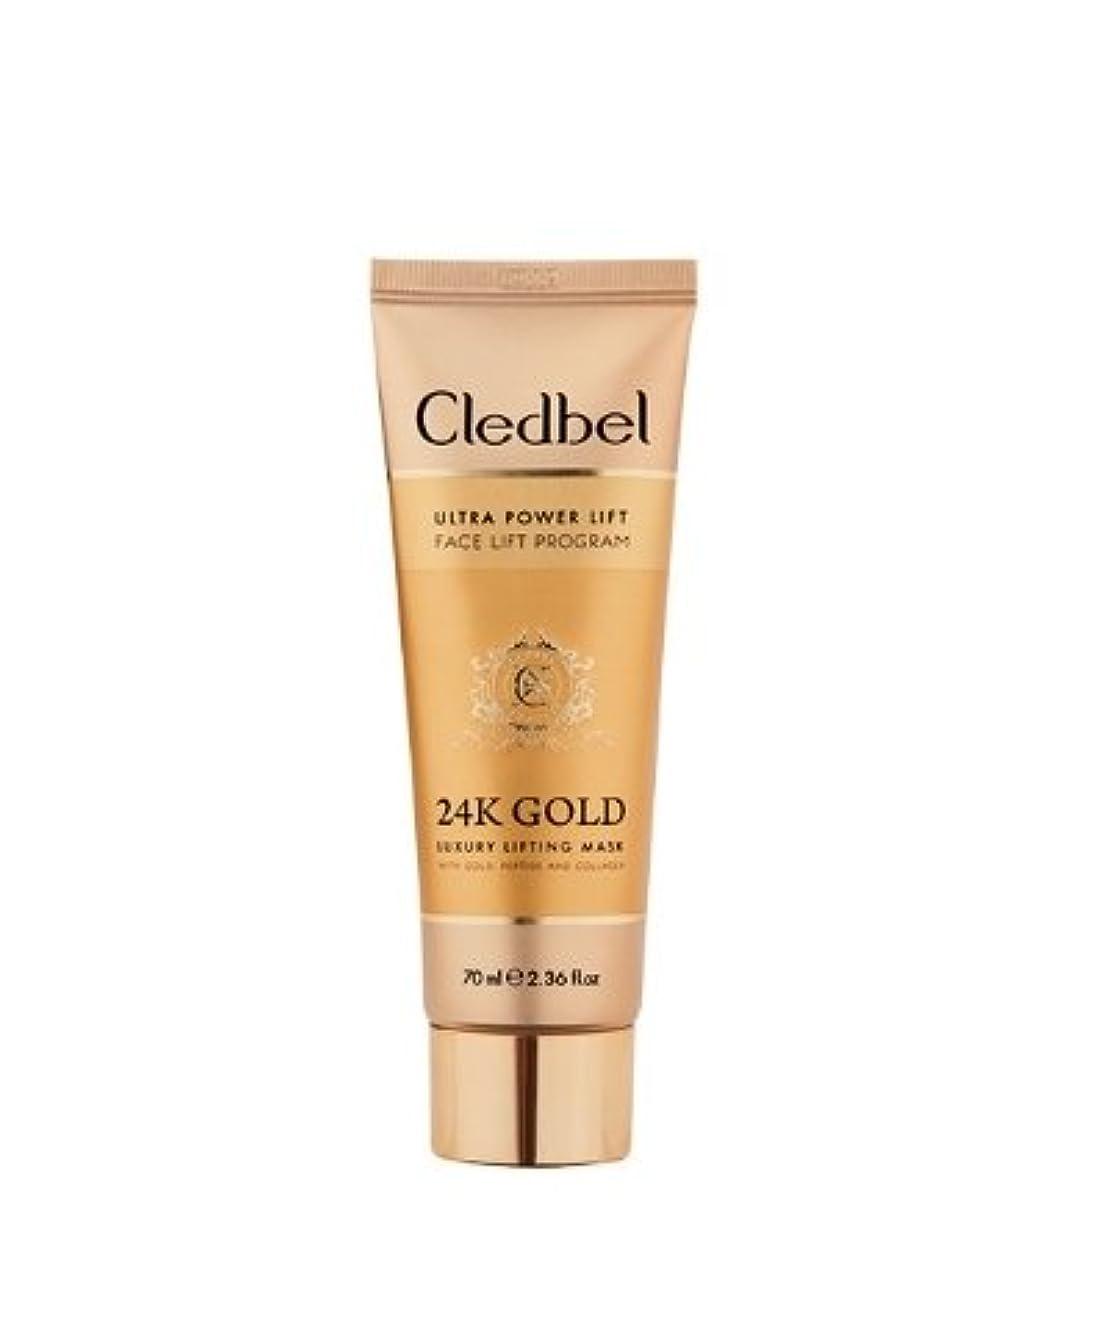 順応性ラウンジ重量[Cledbel]Cledbel Ultra Power Lift 24K Gold Luxury Lifting Mask 70ml